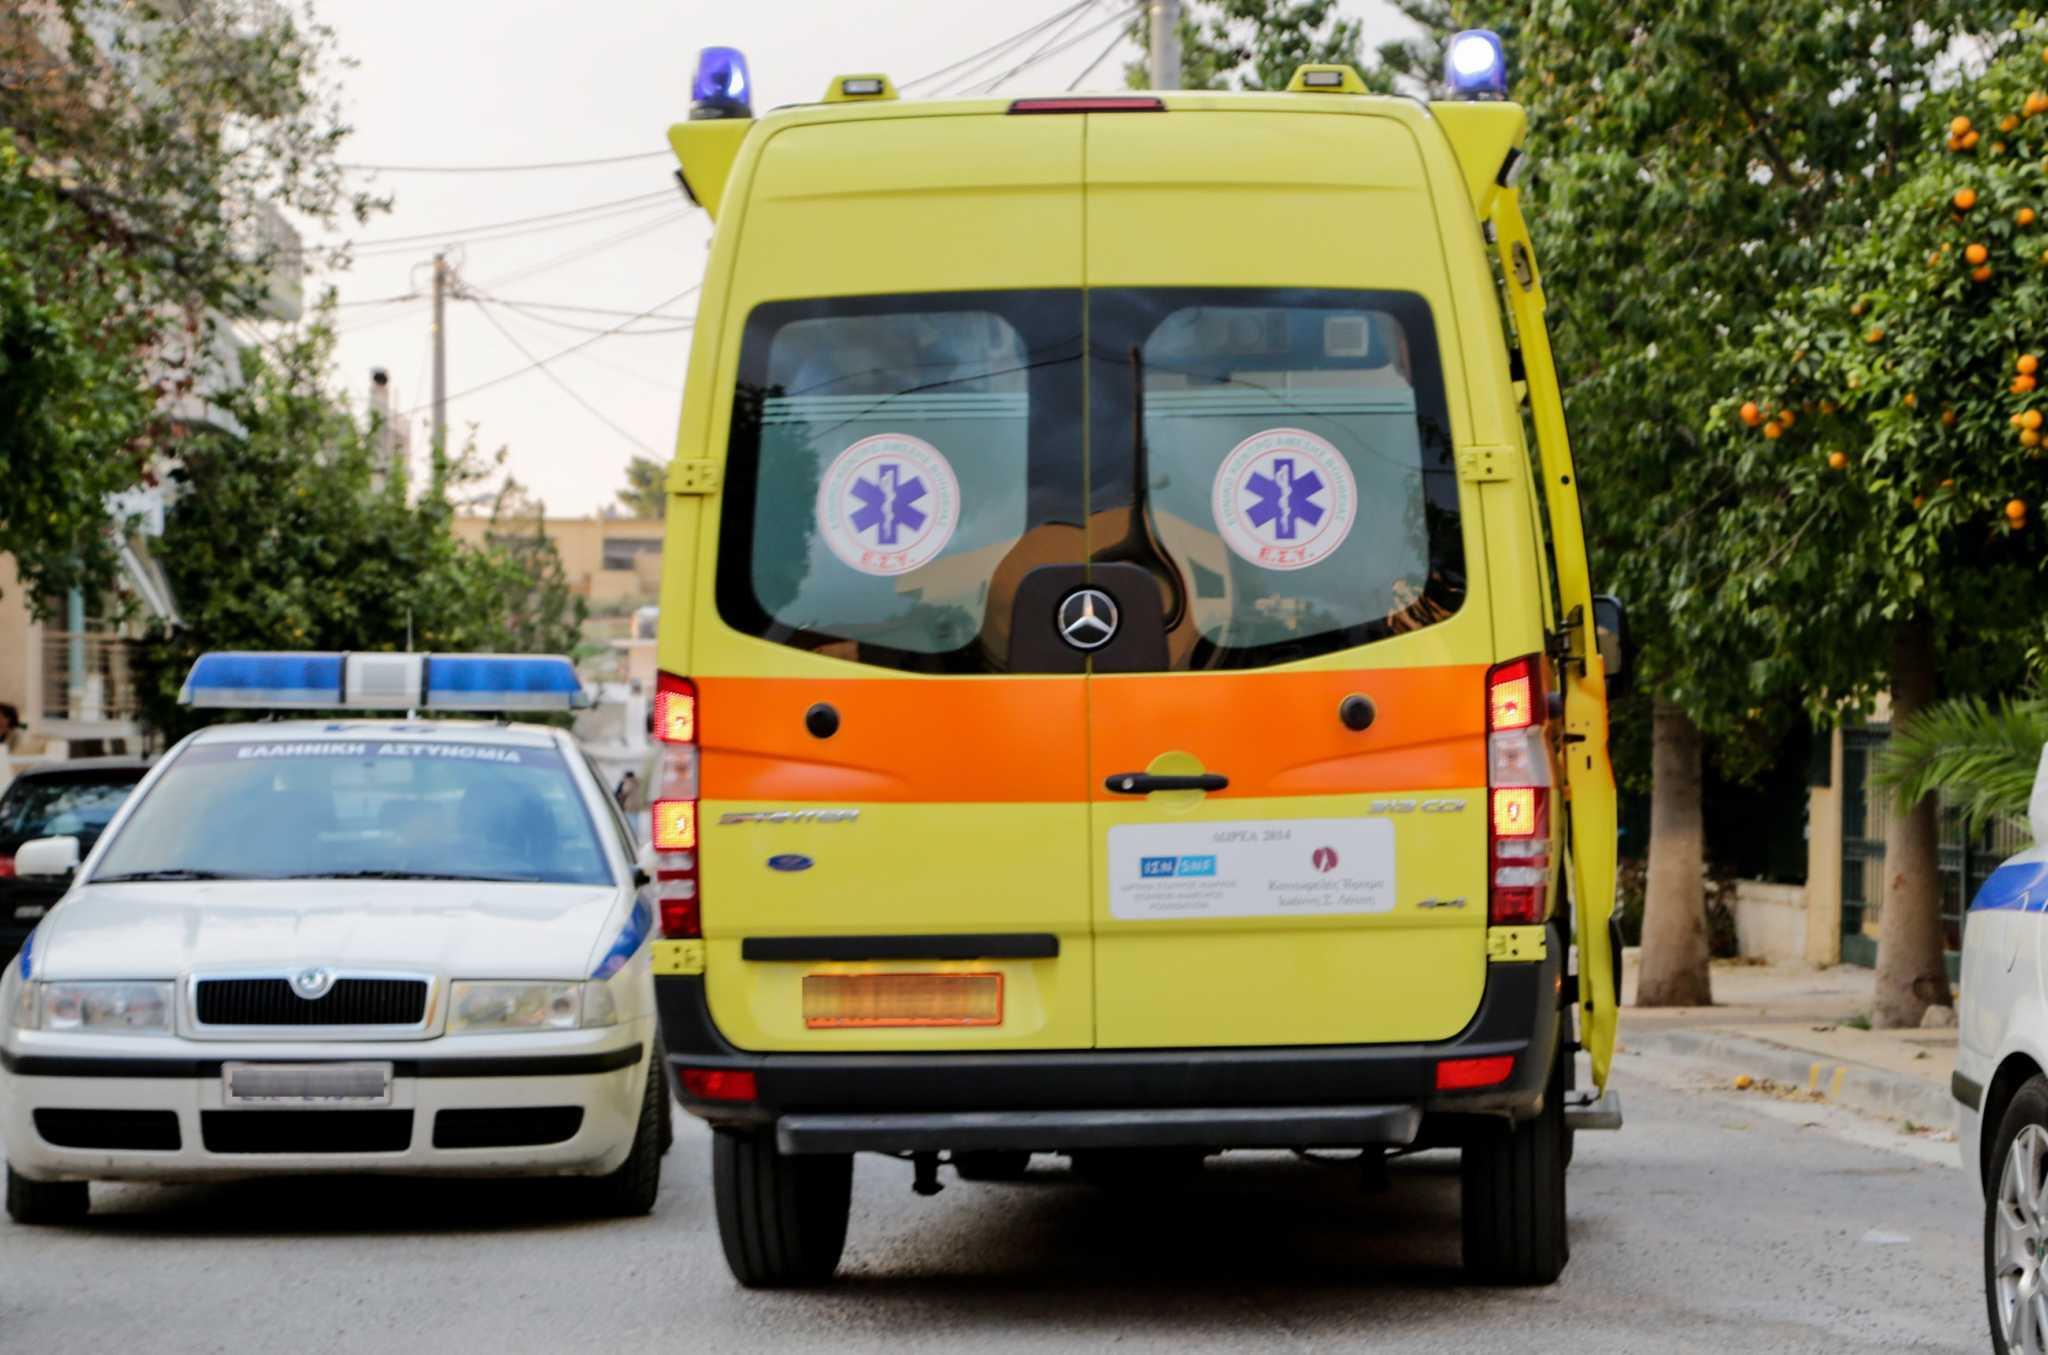 Ναύπακτος: Υπέκυψε ο νεαρός που μαχαιρώθηκε μέσα σε κατάστημα – Οργή για το έγκλημα